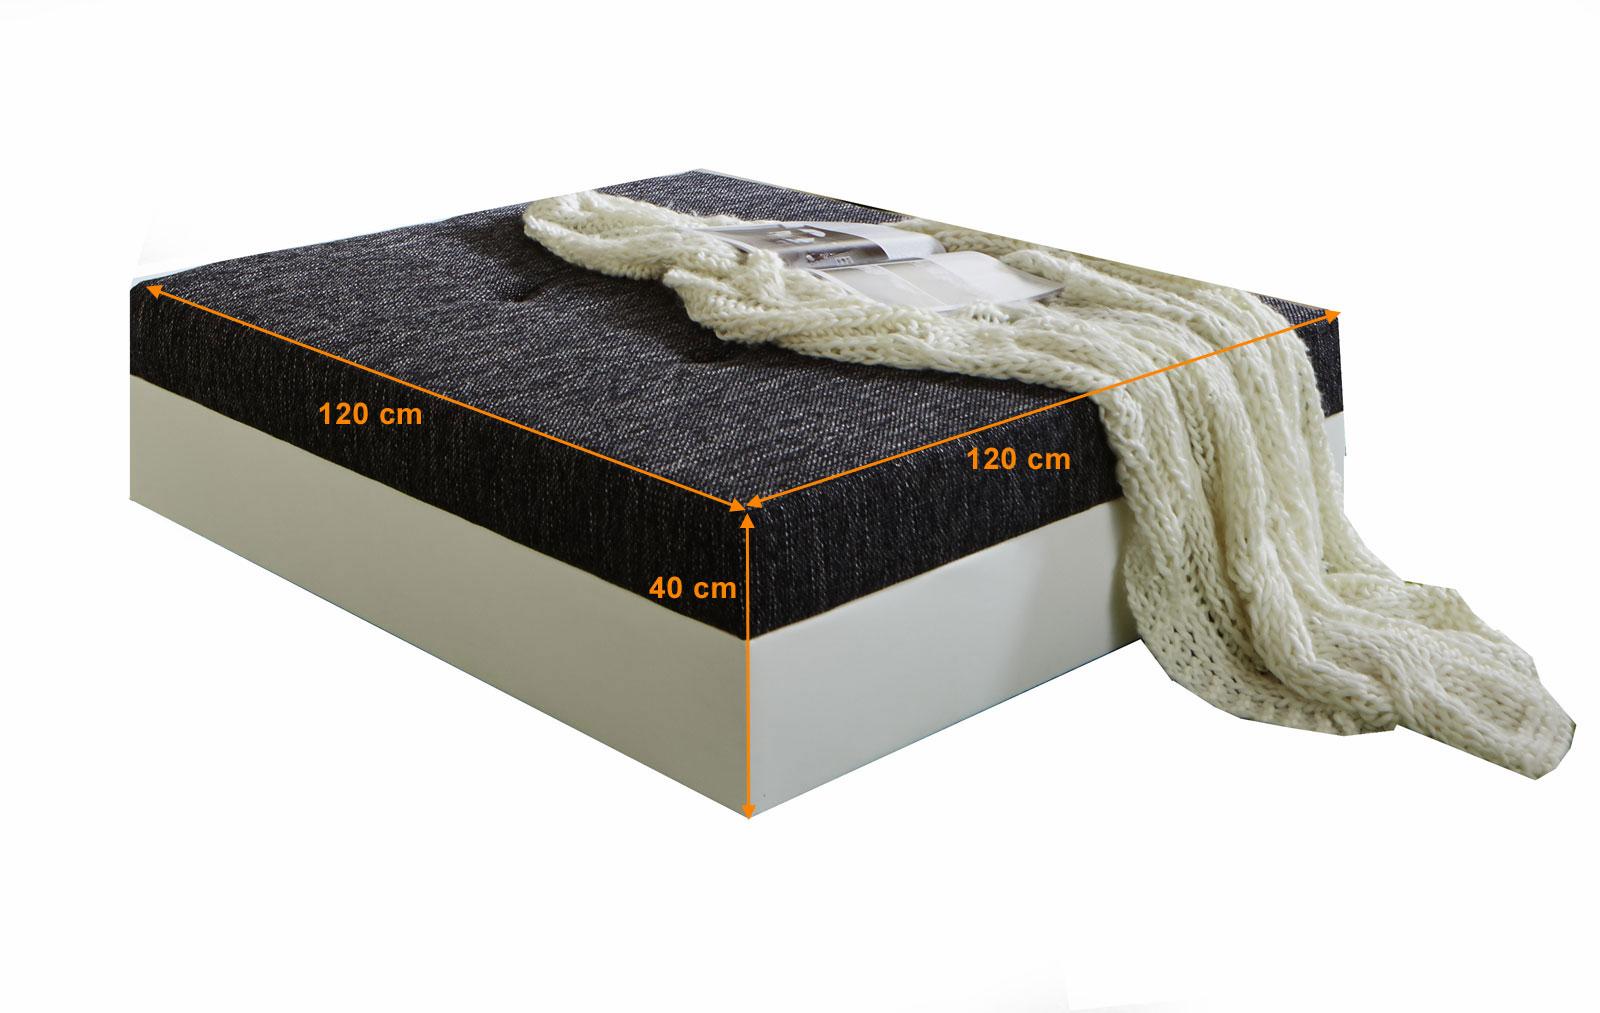 SAMR Wohnzimmer Design Hocker 120 Cm Schwarz Weiss Giga Bestellware Itemprop